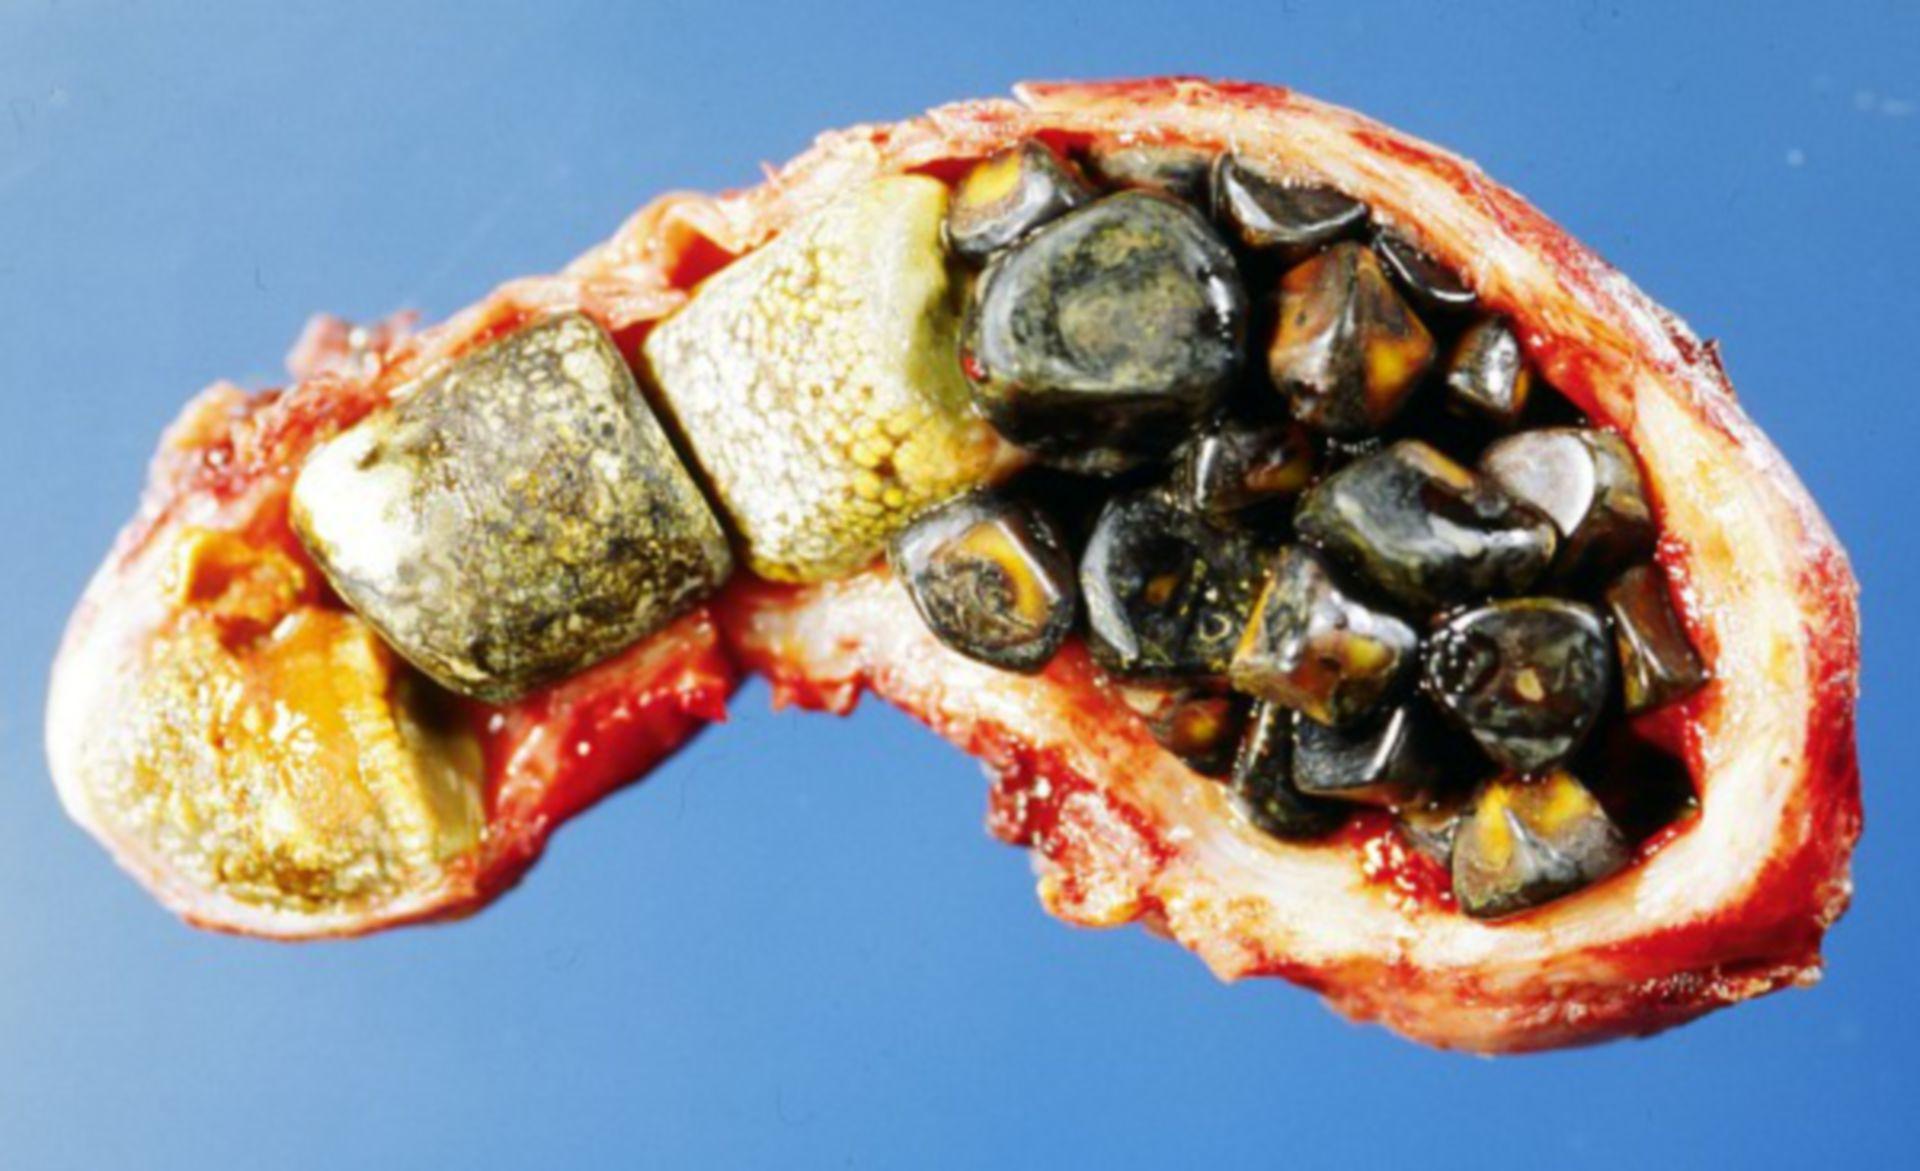 Multiple gallstones